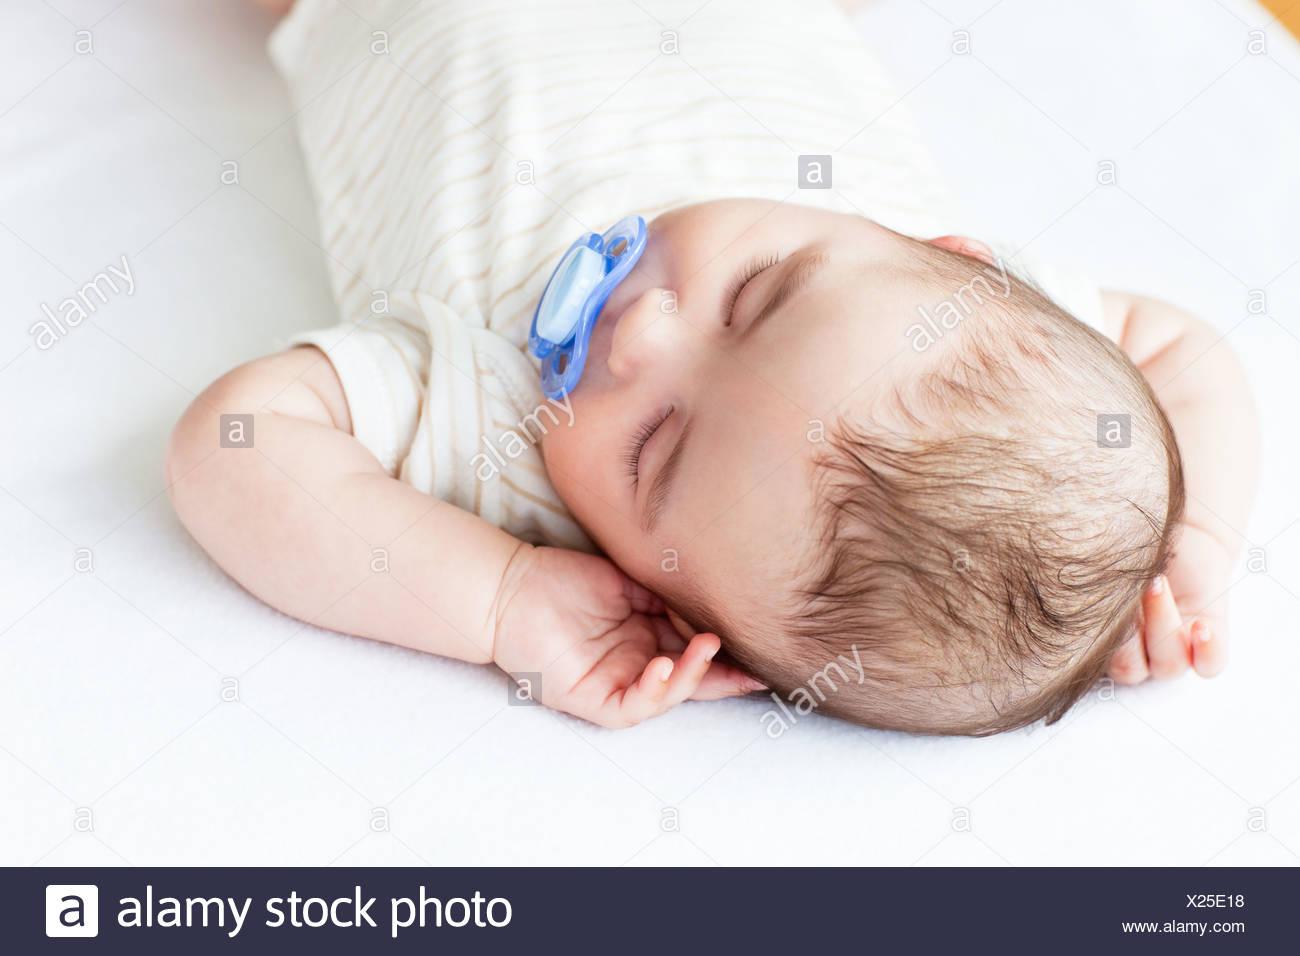 Porträt eines entzückenden Baby mit einem Schnuller schlafen in einem Bett Stockbild